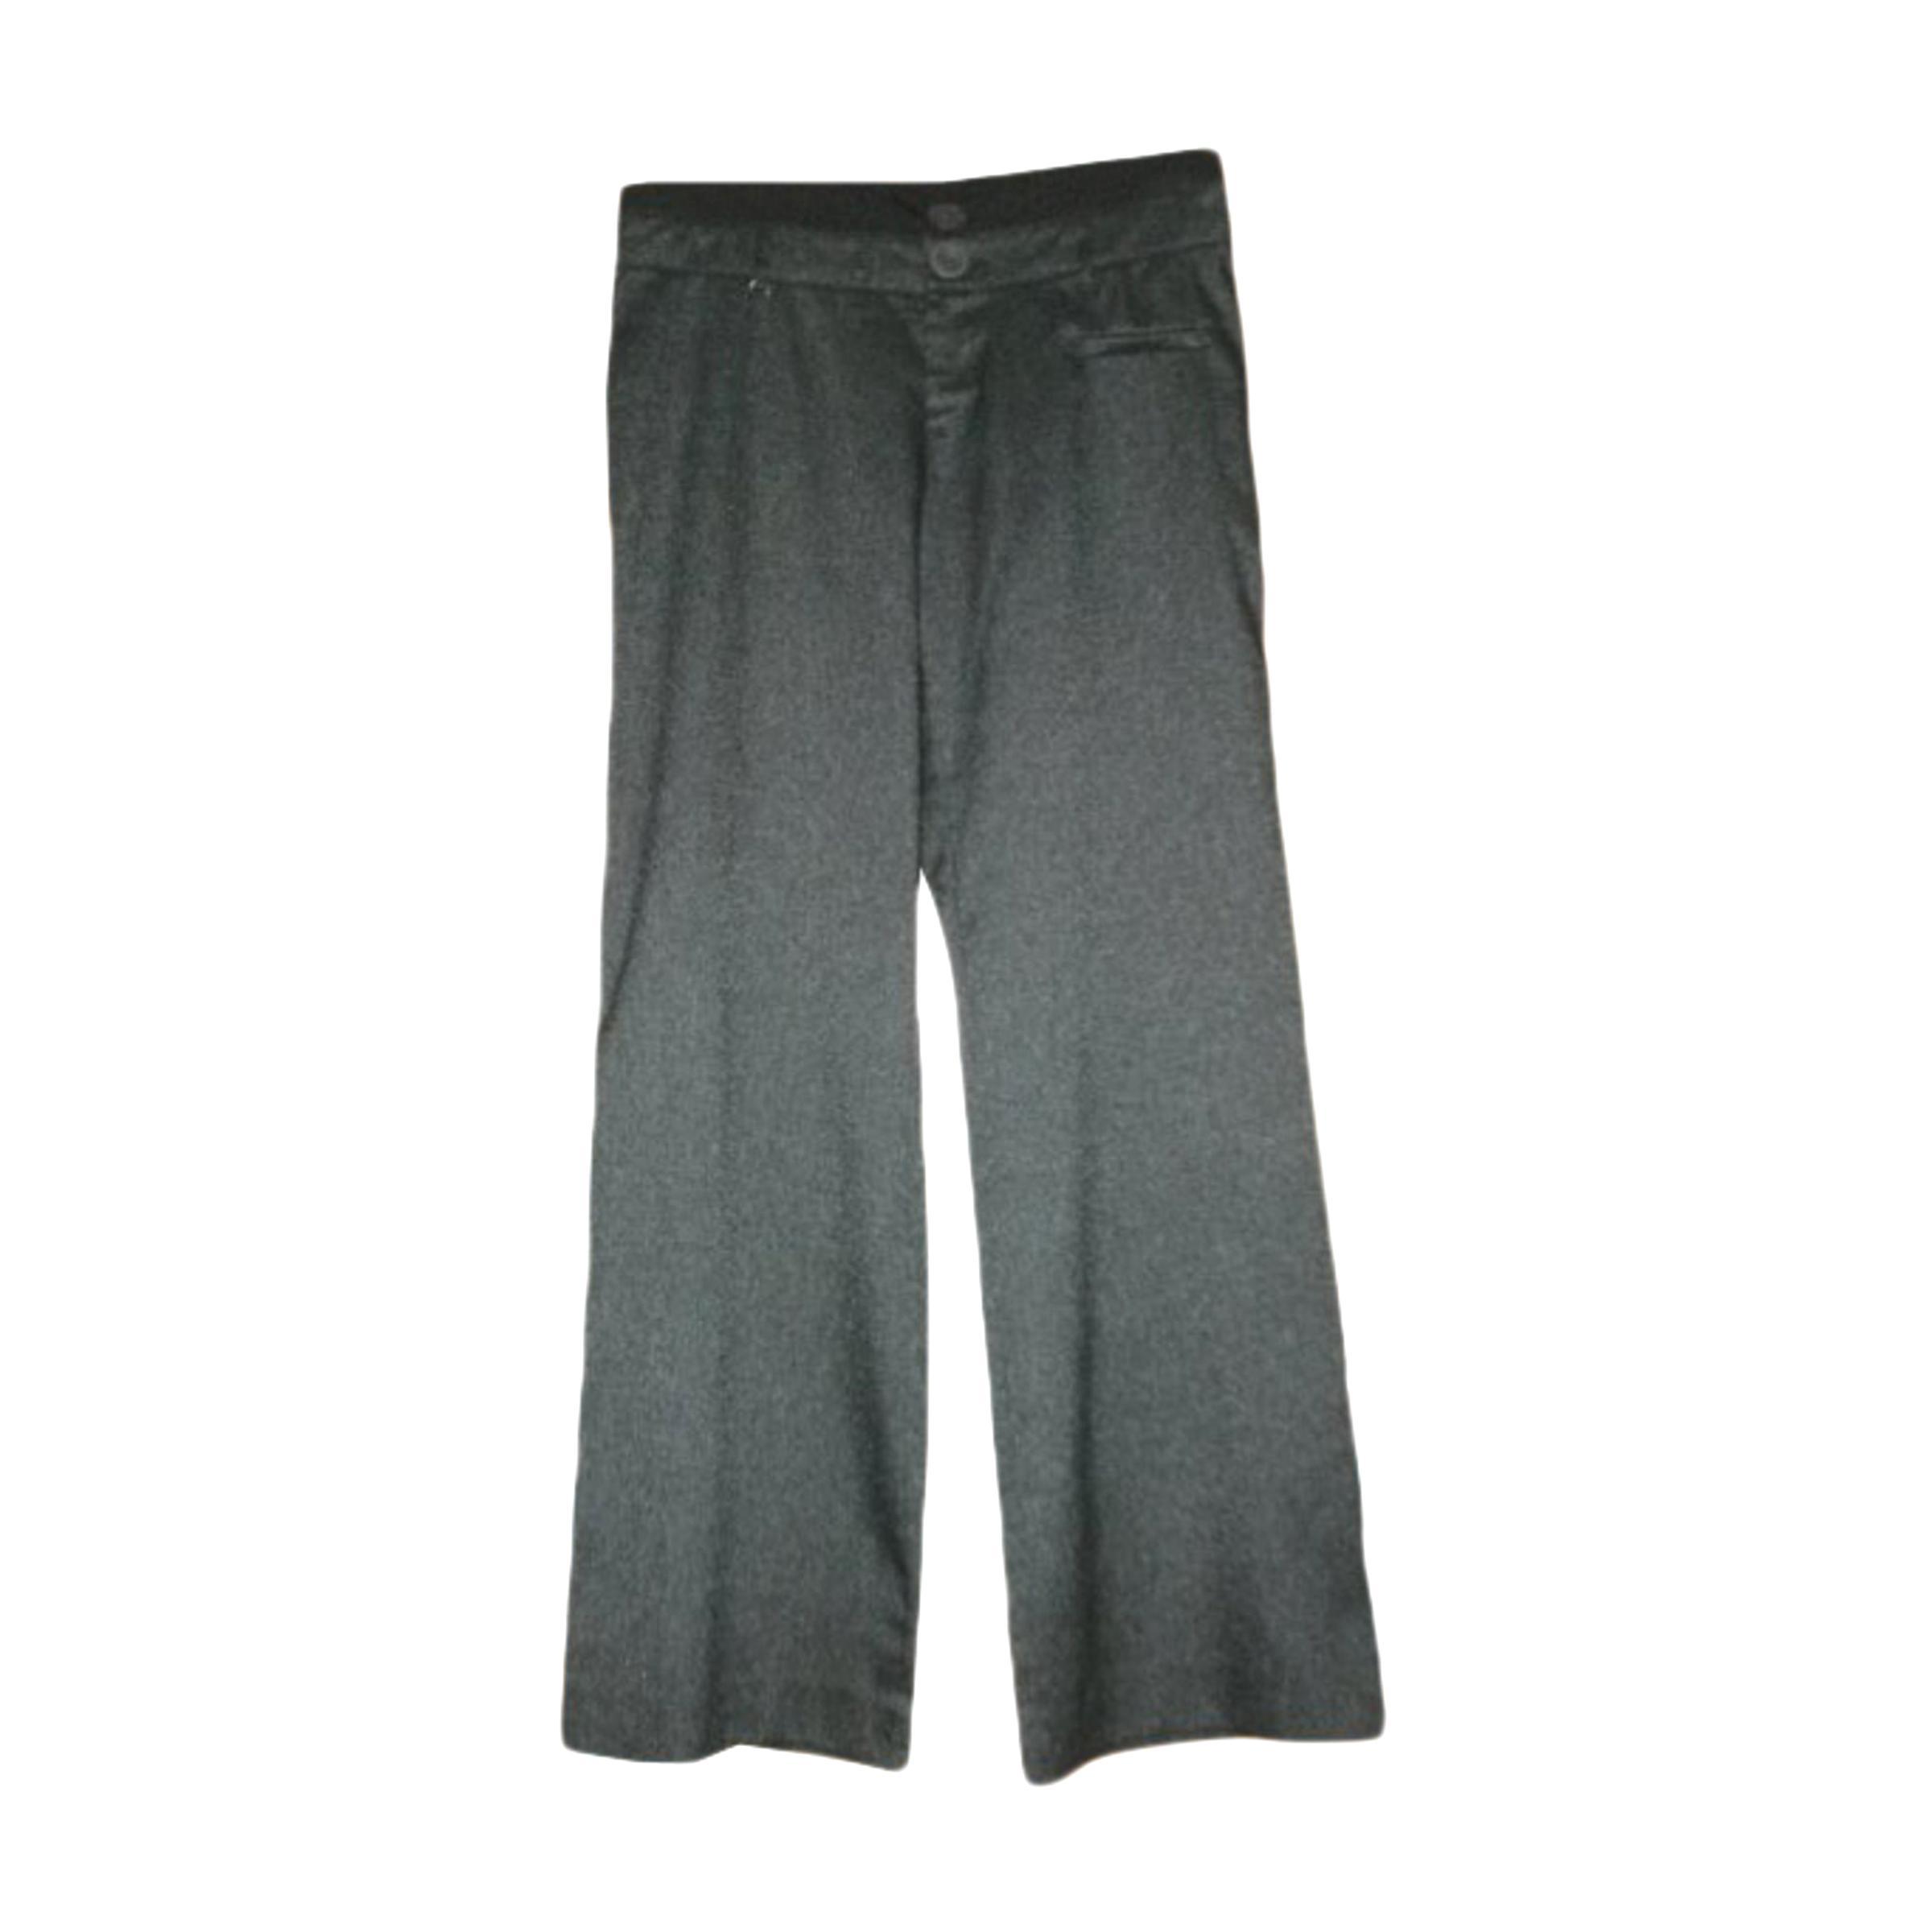 pantalon cop copine 40 d'occasion